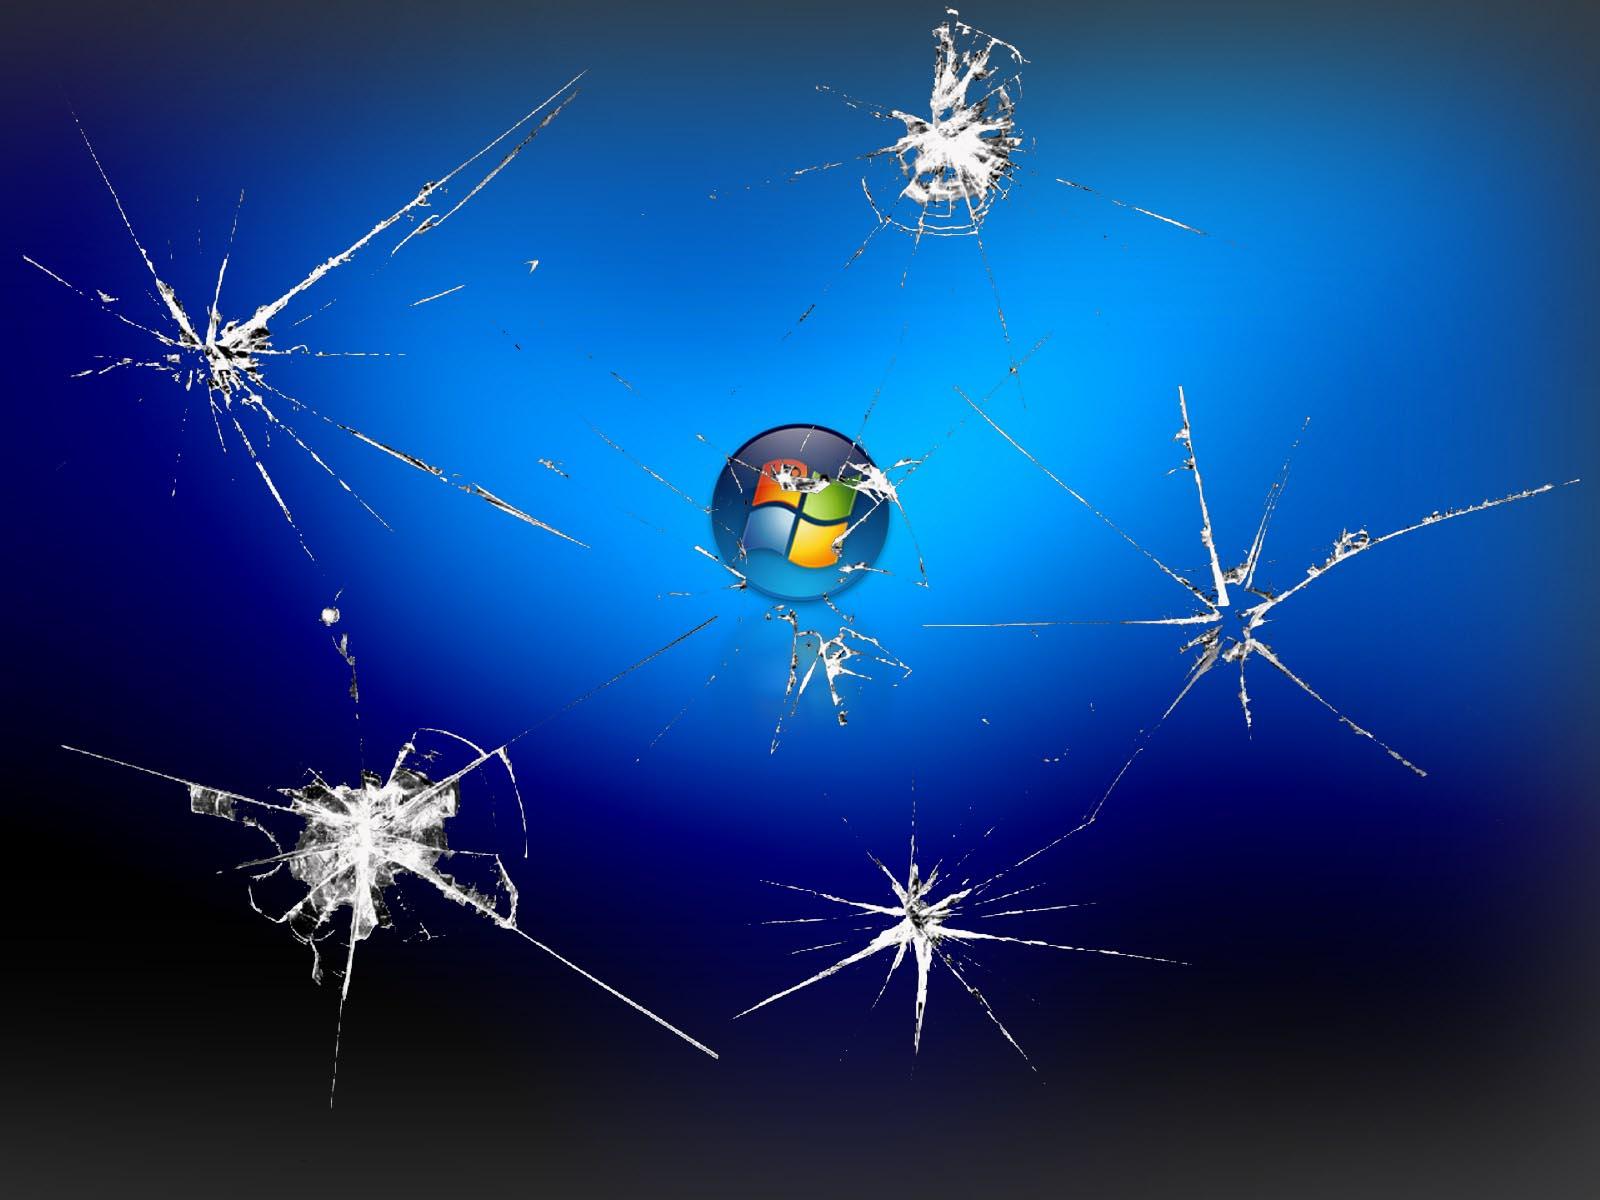 Broken Screen Wallpaper Hd Satisfying - Hình Nền Windows 7 Màn Hình Nứt - HD Wallpaper